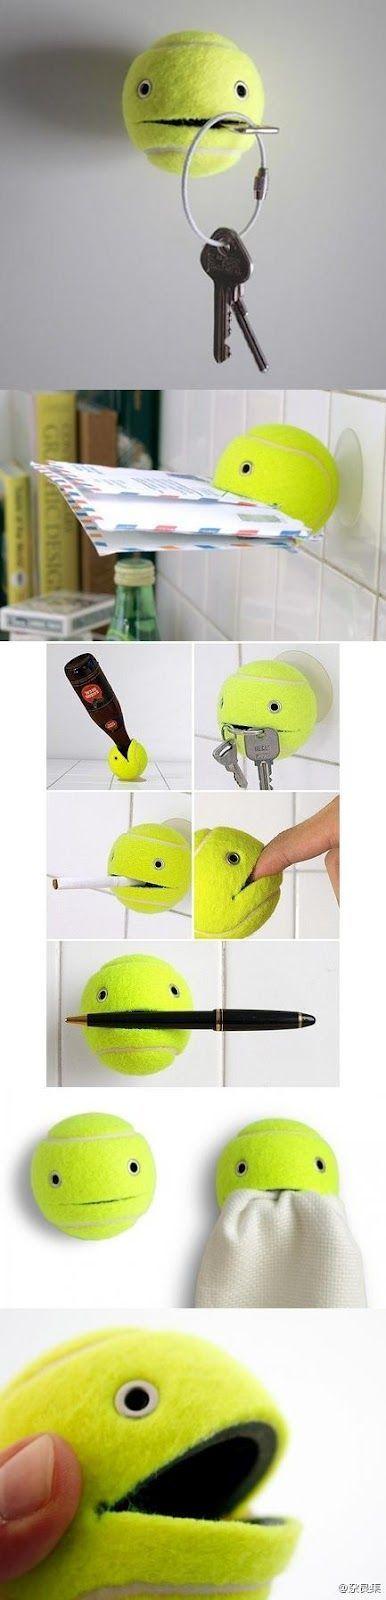 Porta-chaves divertido feito com uma bolinha de tênis.